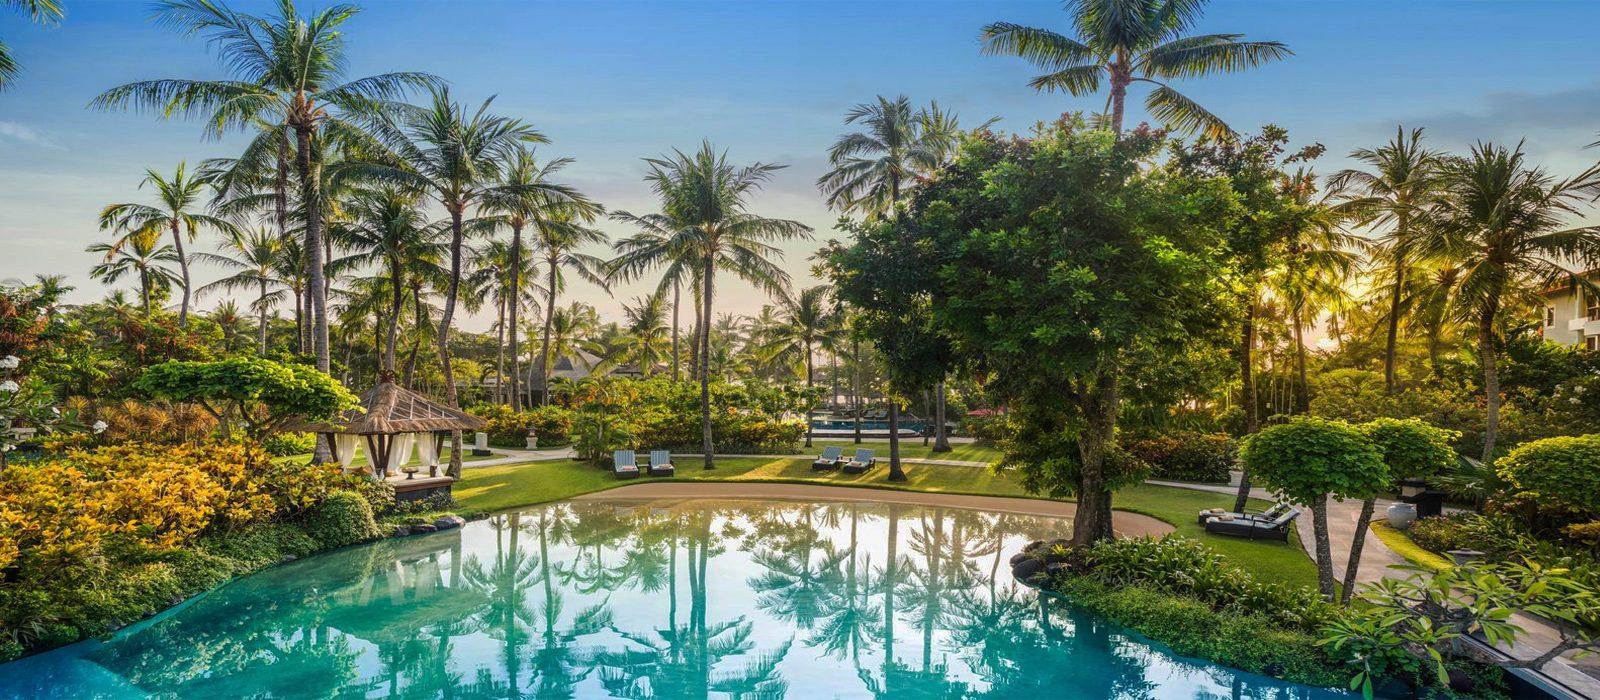 Bali holiday Packages The Laguna Bali Header